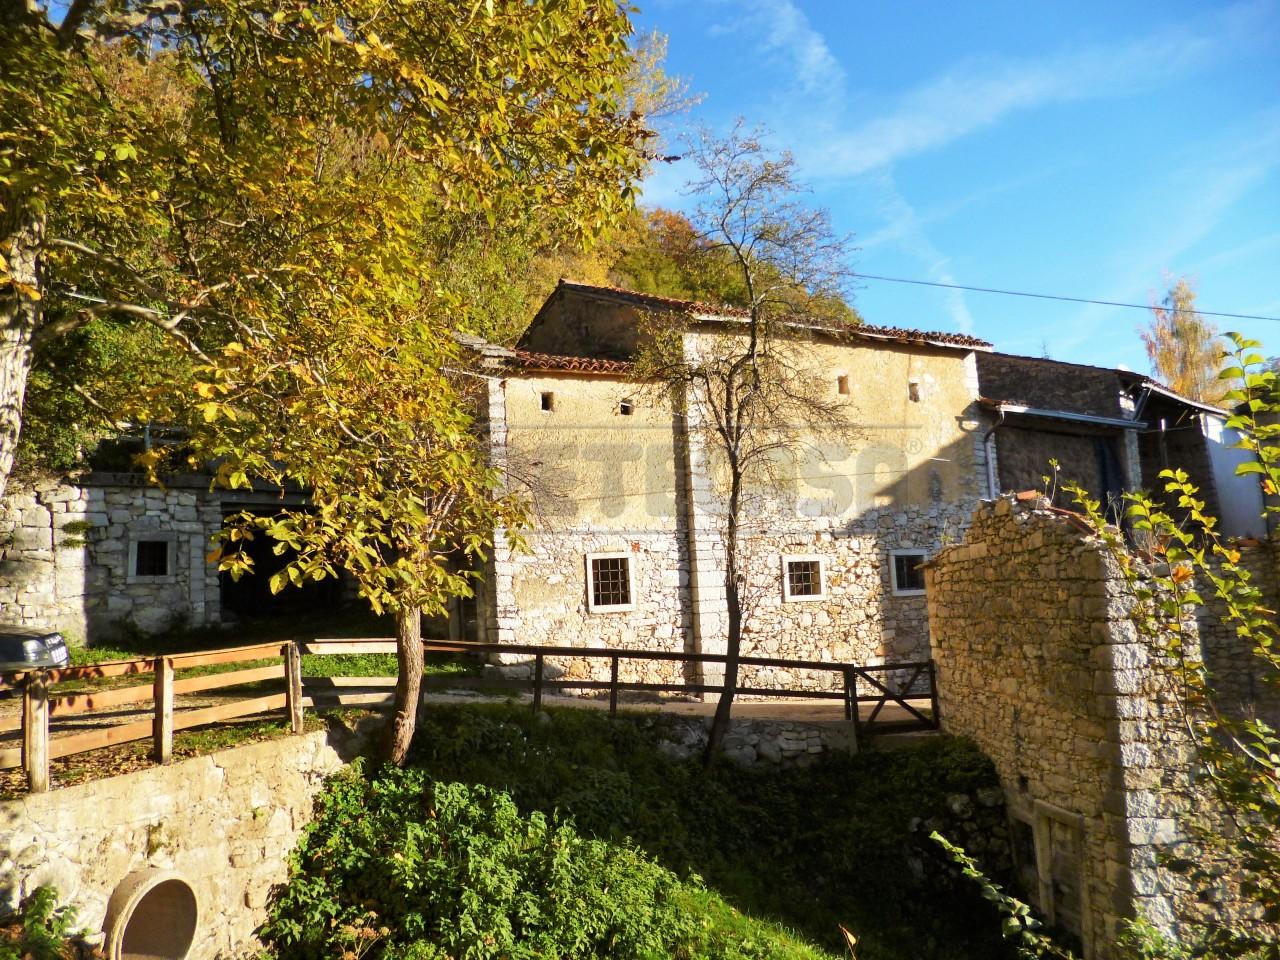 Rustico / Casale in vendita a Crespadoro, 9999 locali, prezzo € 80.000   Cambio Casa.it